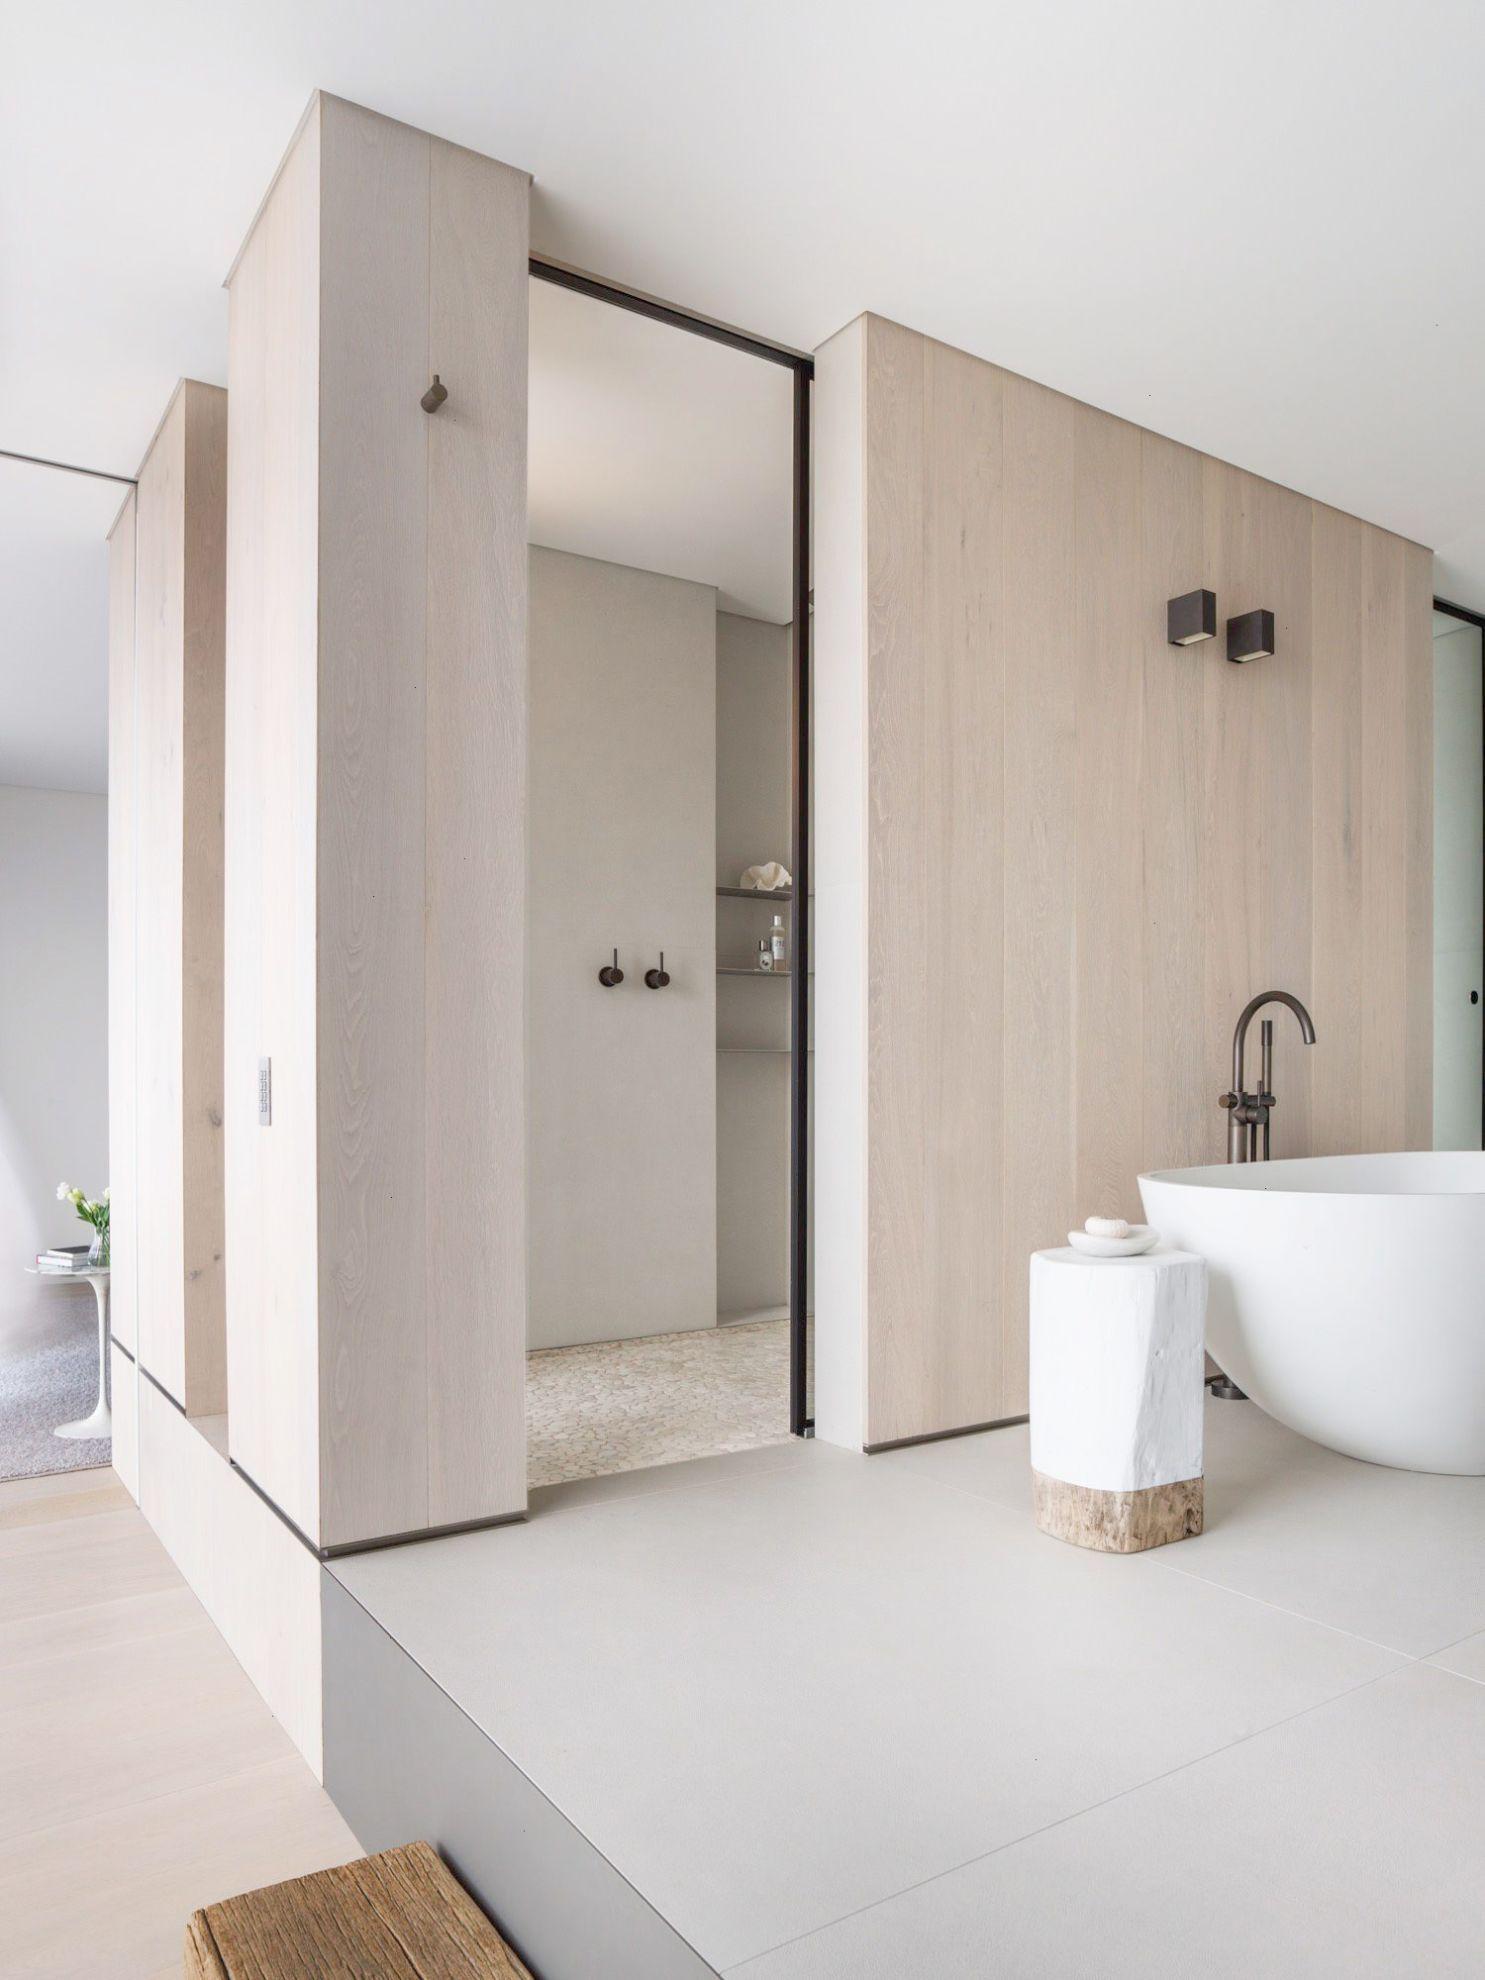 Modern Bathroom Inspiration Bycocooncom - Bathroom Design Products - Sturdy